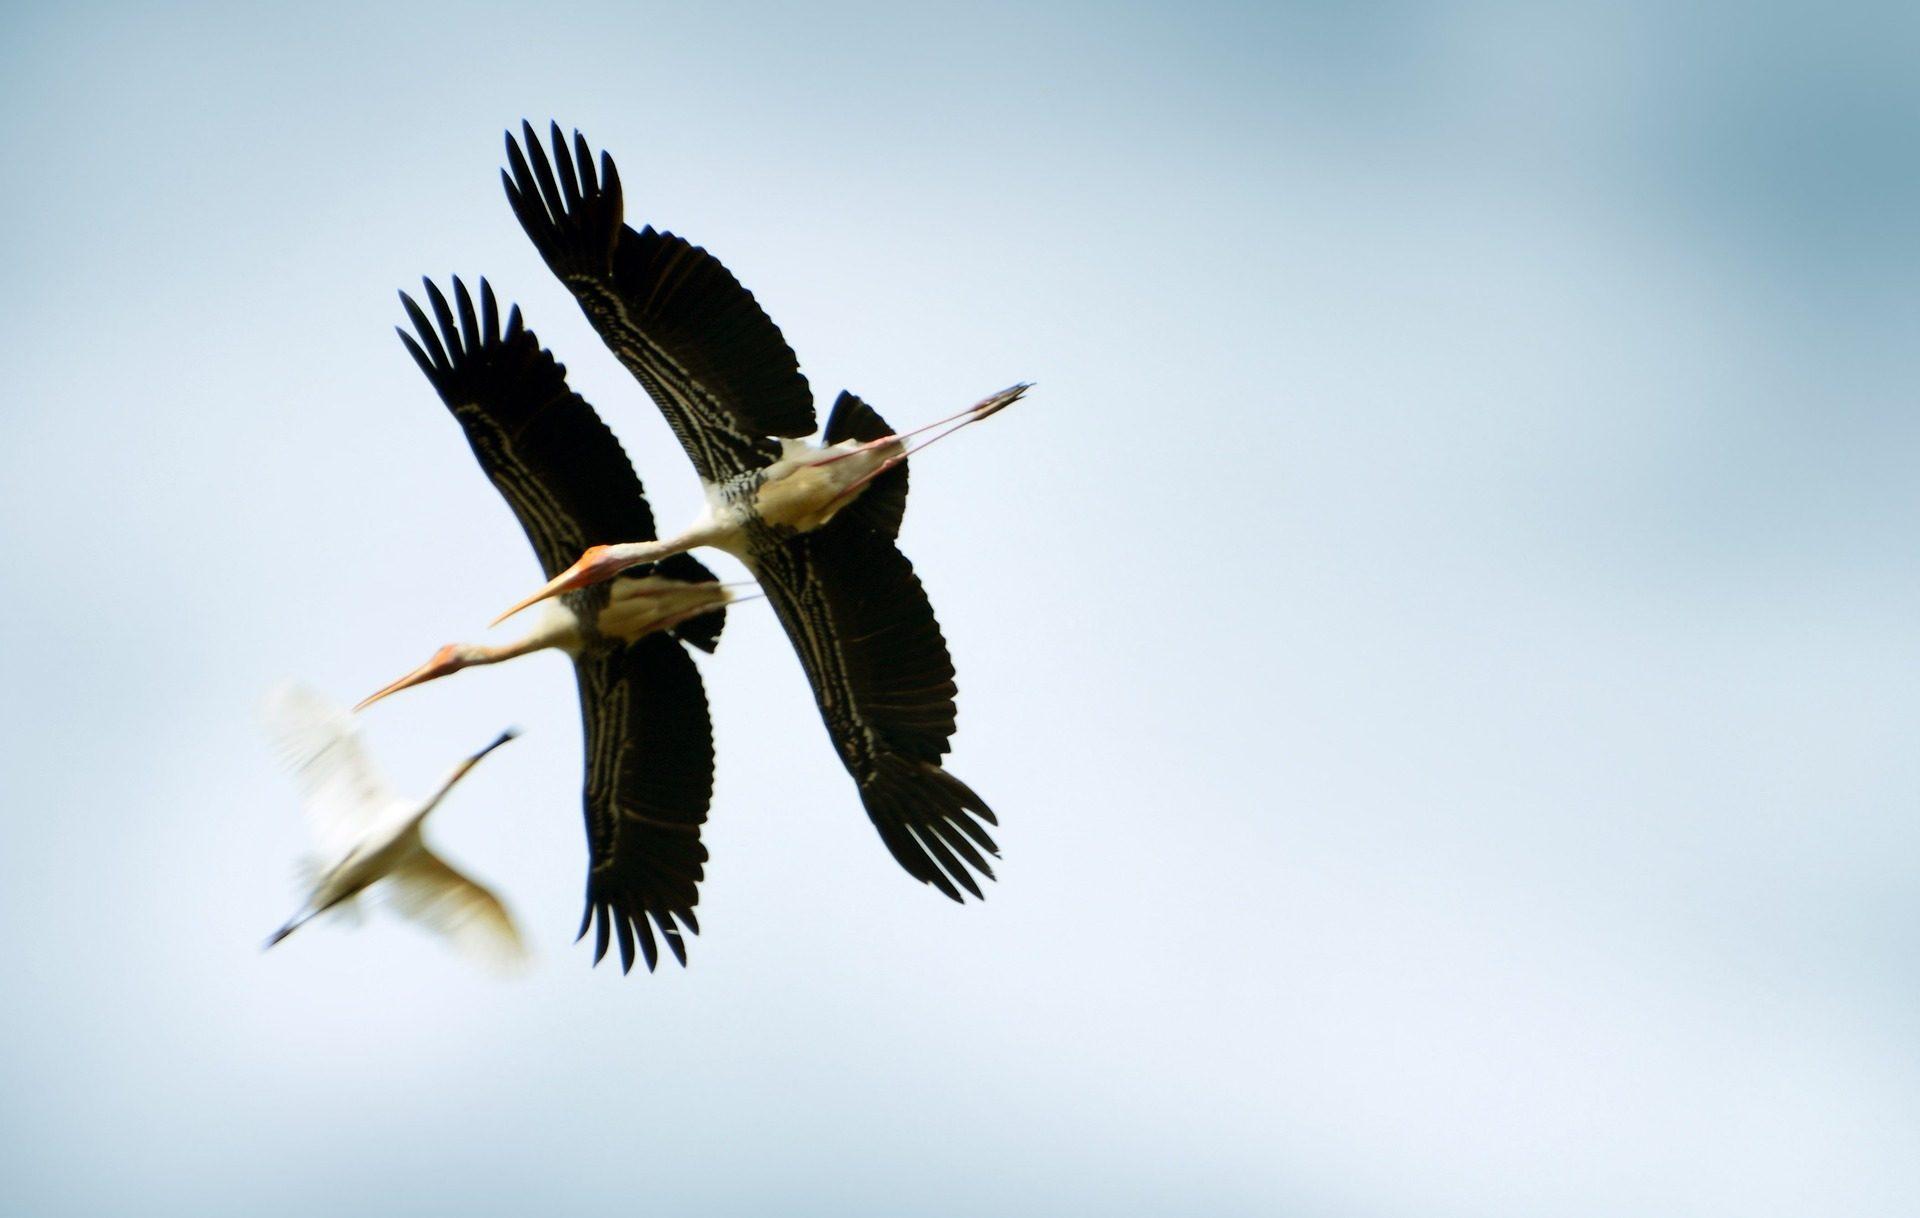 aves, الطيور, أجنحة, طول الجناح, يطير - خلفيات عالية الدقة - أستاذ falken.com